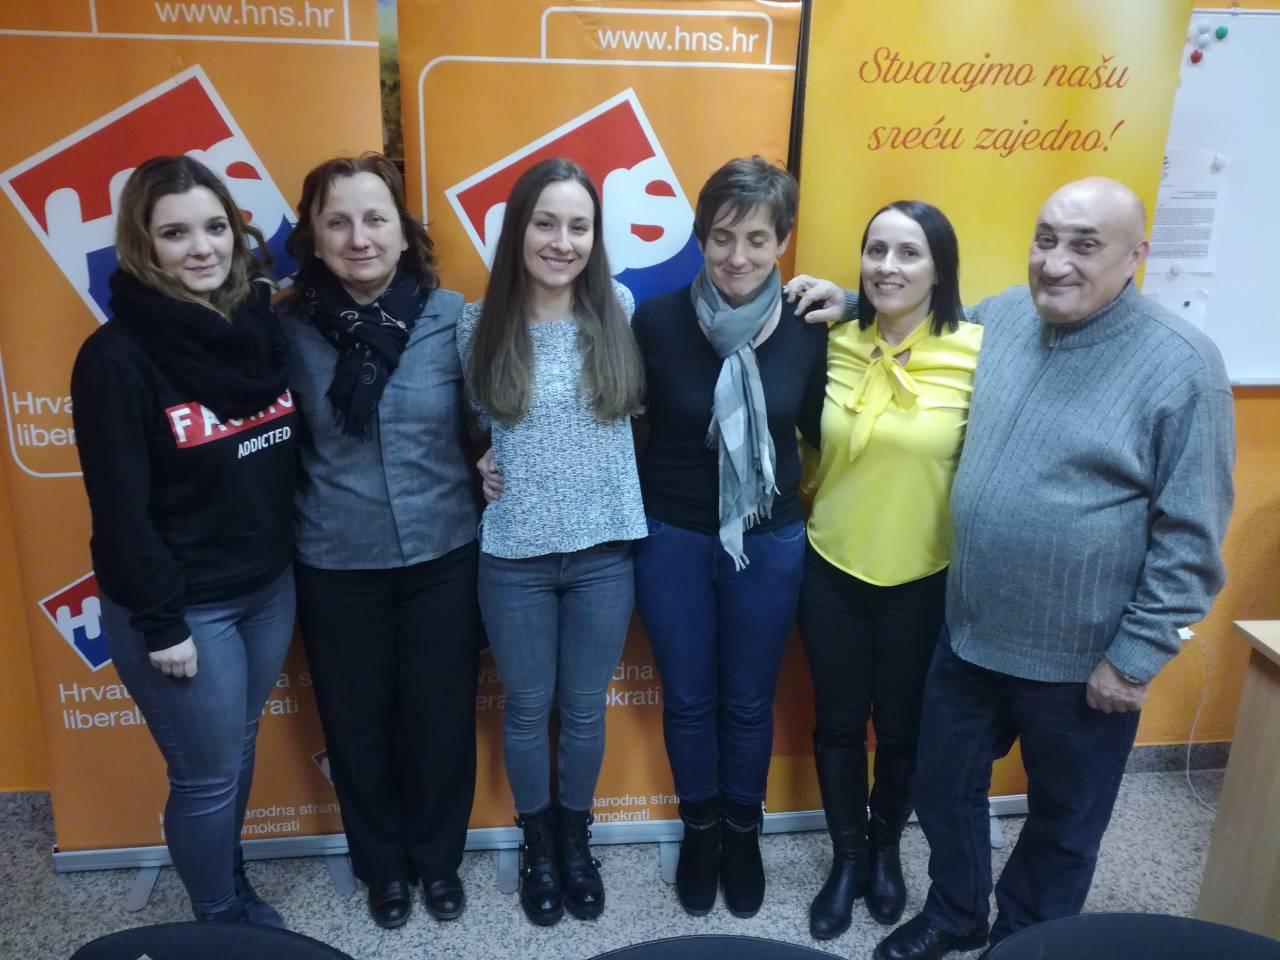 Vesna Jelić je izabrana za novu predsjednicu ŽI HNS-a Krapina